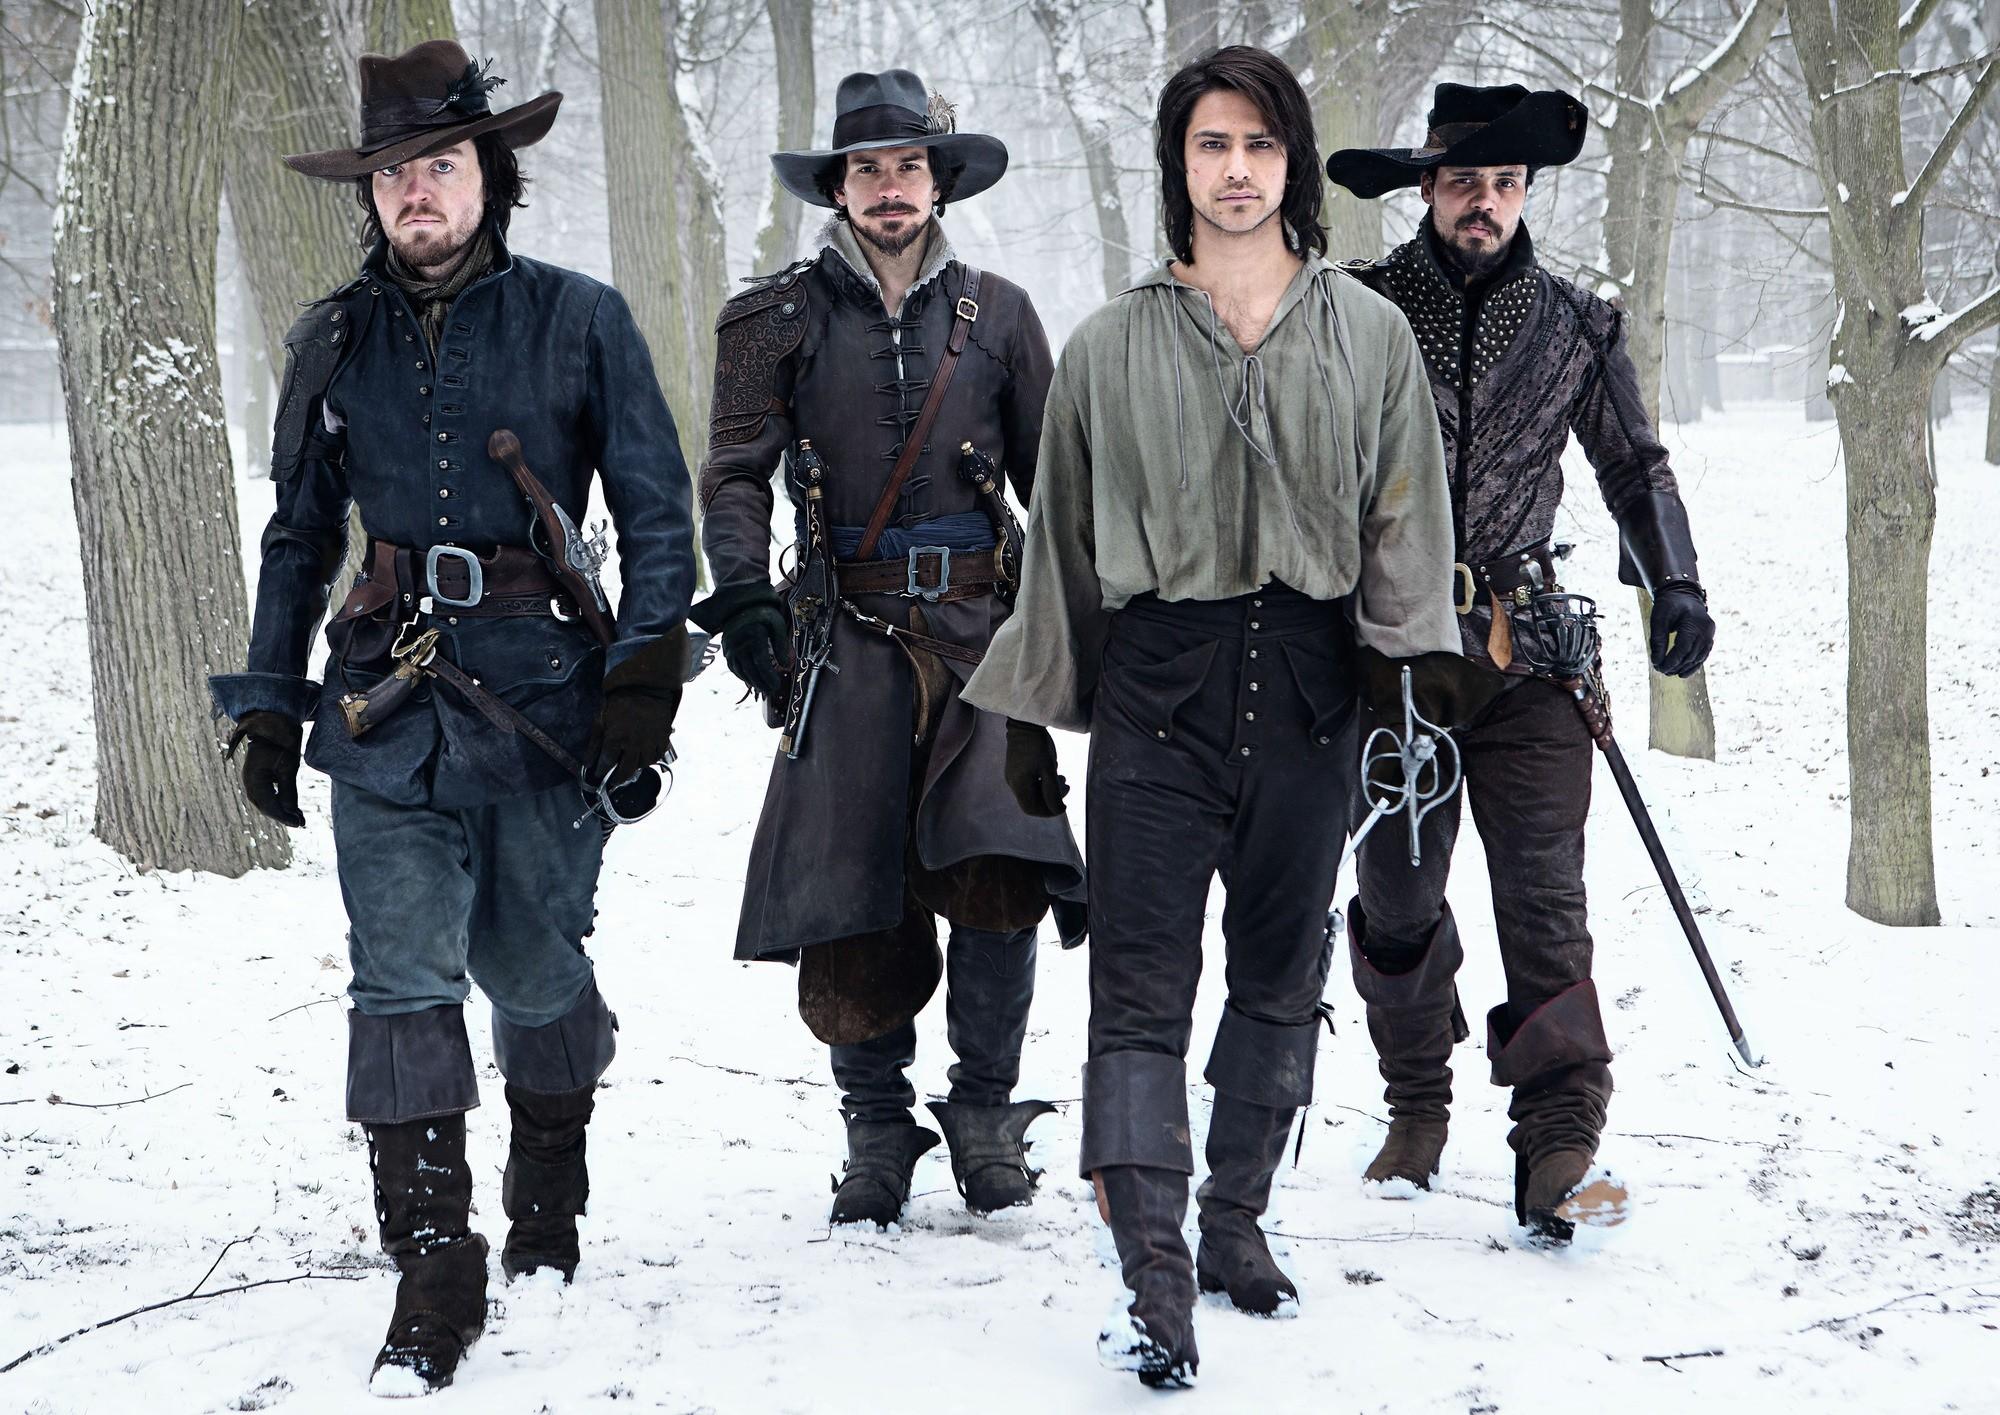 Elenco de 'The Musketeers' (Foto: Divulgação)